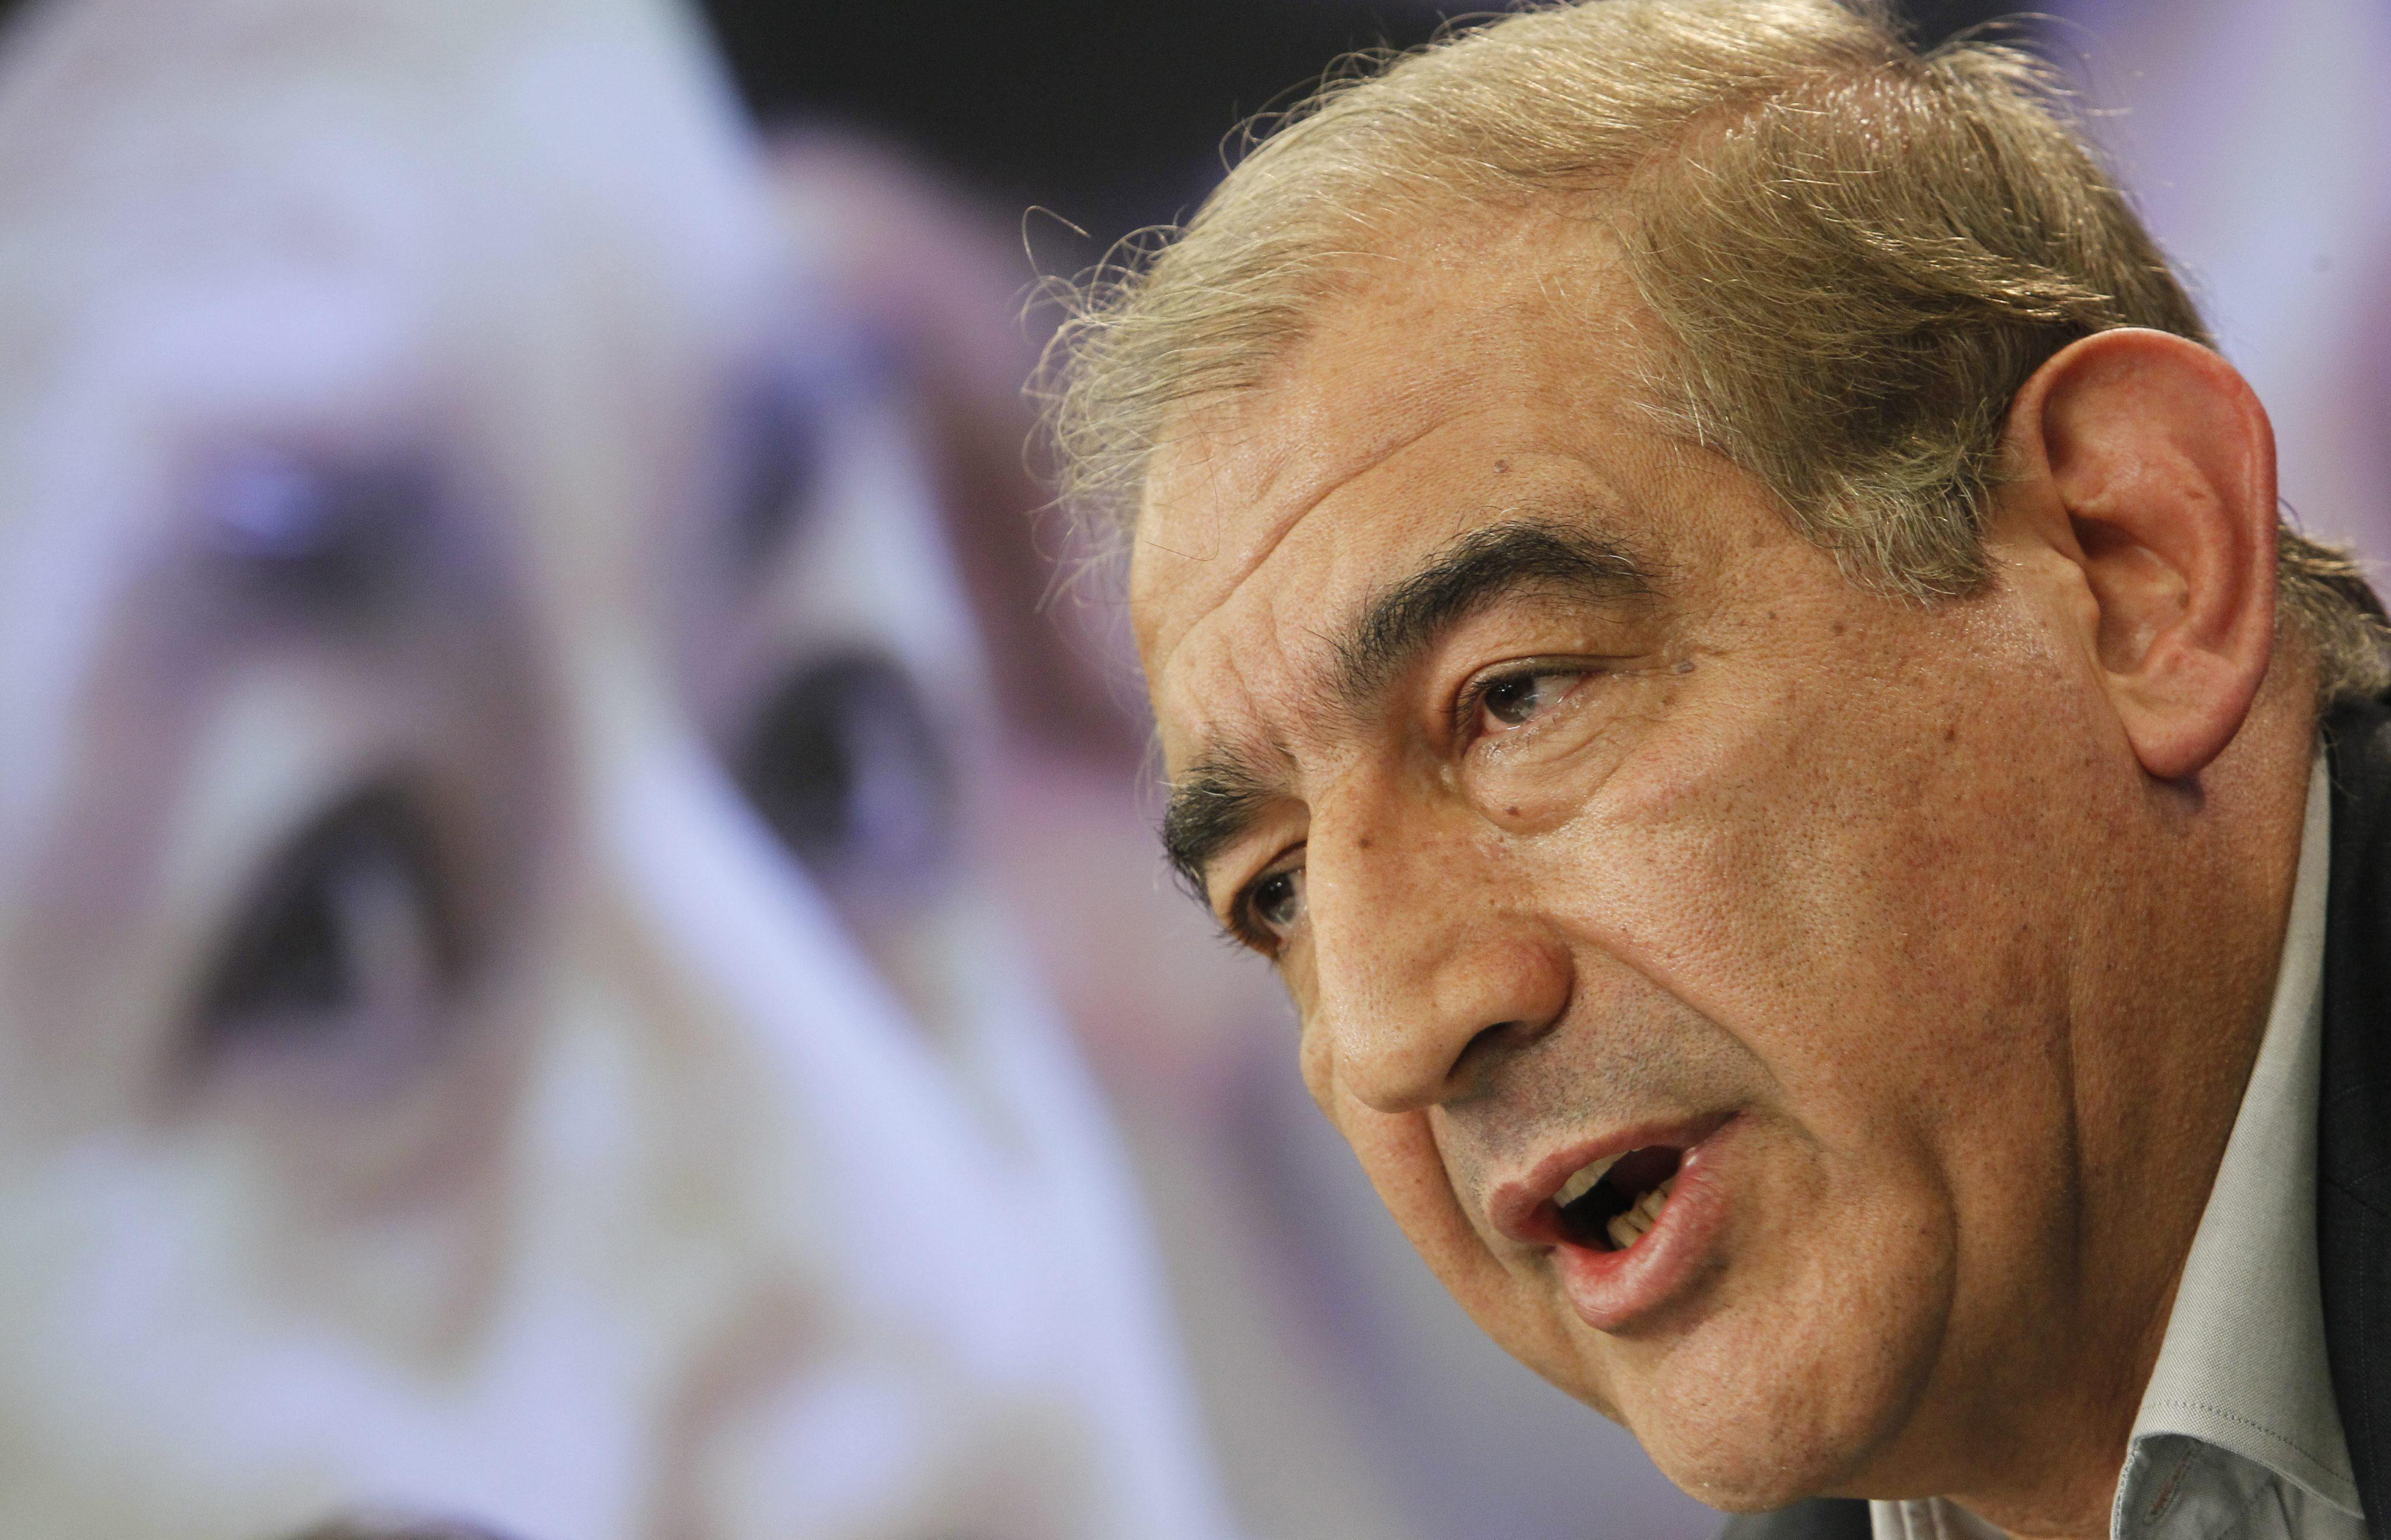 La conferencia de paz Ginebra 2 podría ser el 23 y 24 de noviembre, según un representante sirio